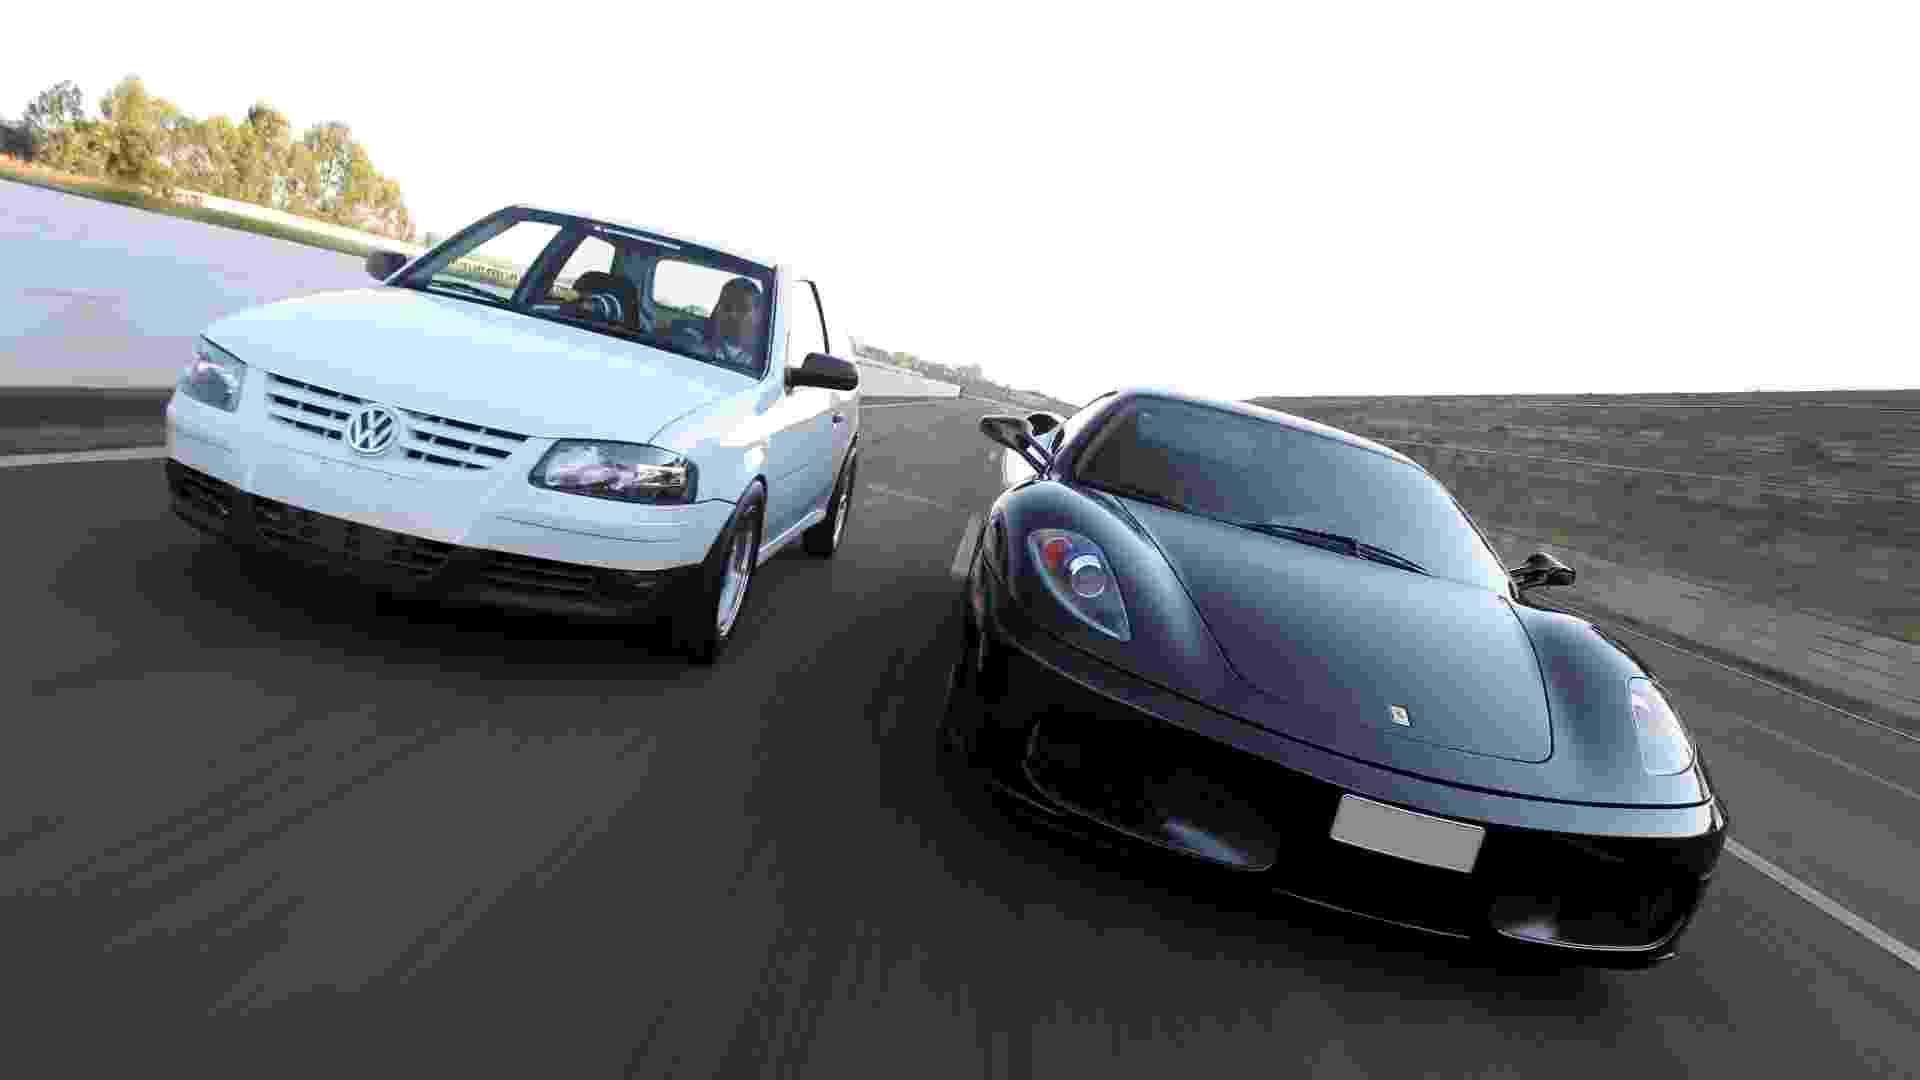 Com 700 cv de potência, este VW Gol com faróis e lanternas de Gol G4 resolveu encarar uma Ferrari F430 2006 com mais de 500 cv - João Mantovani/Fullpower